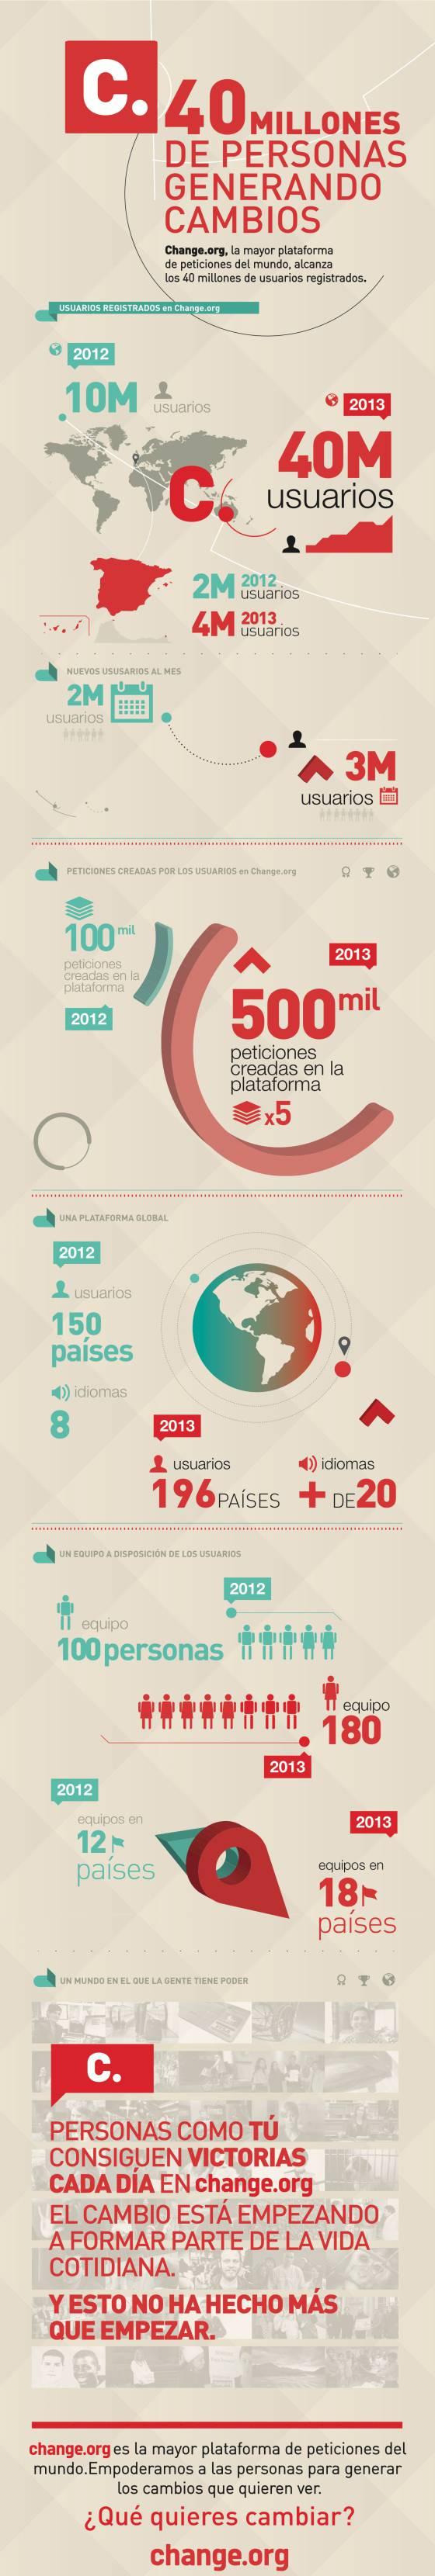 Infografía del crecimiento de Change.org